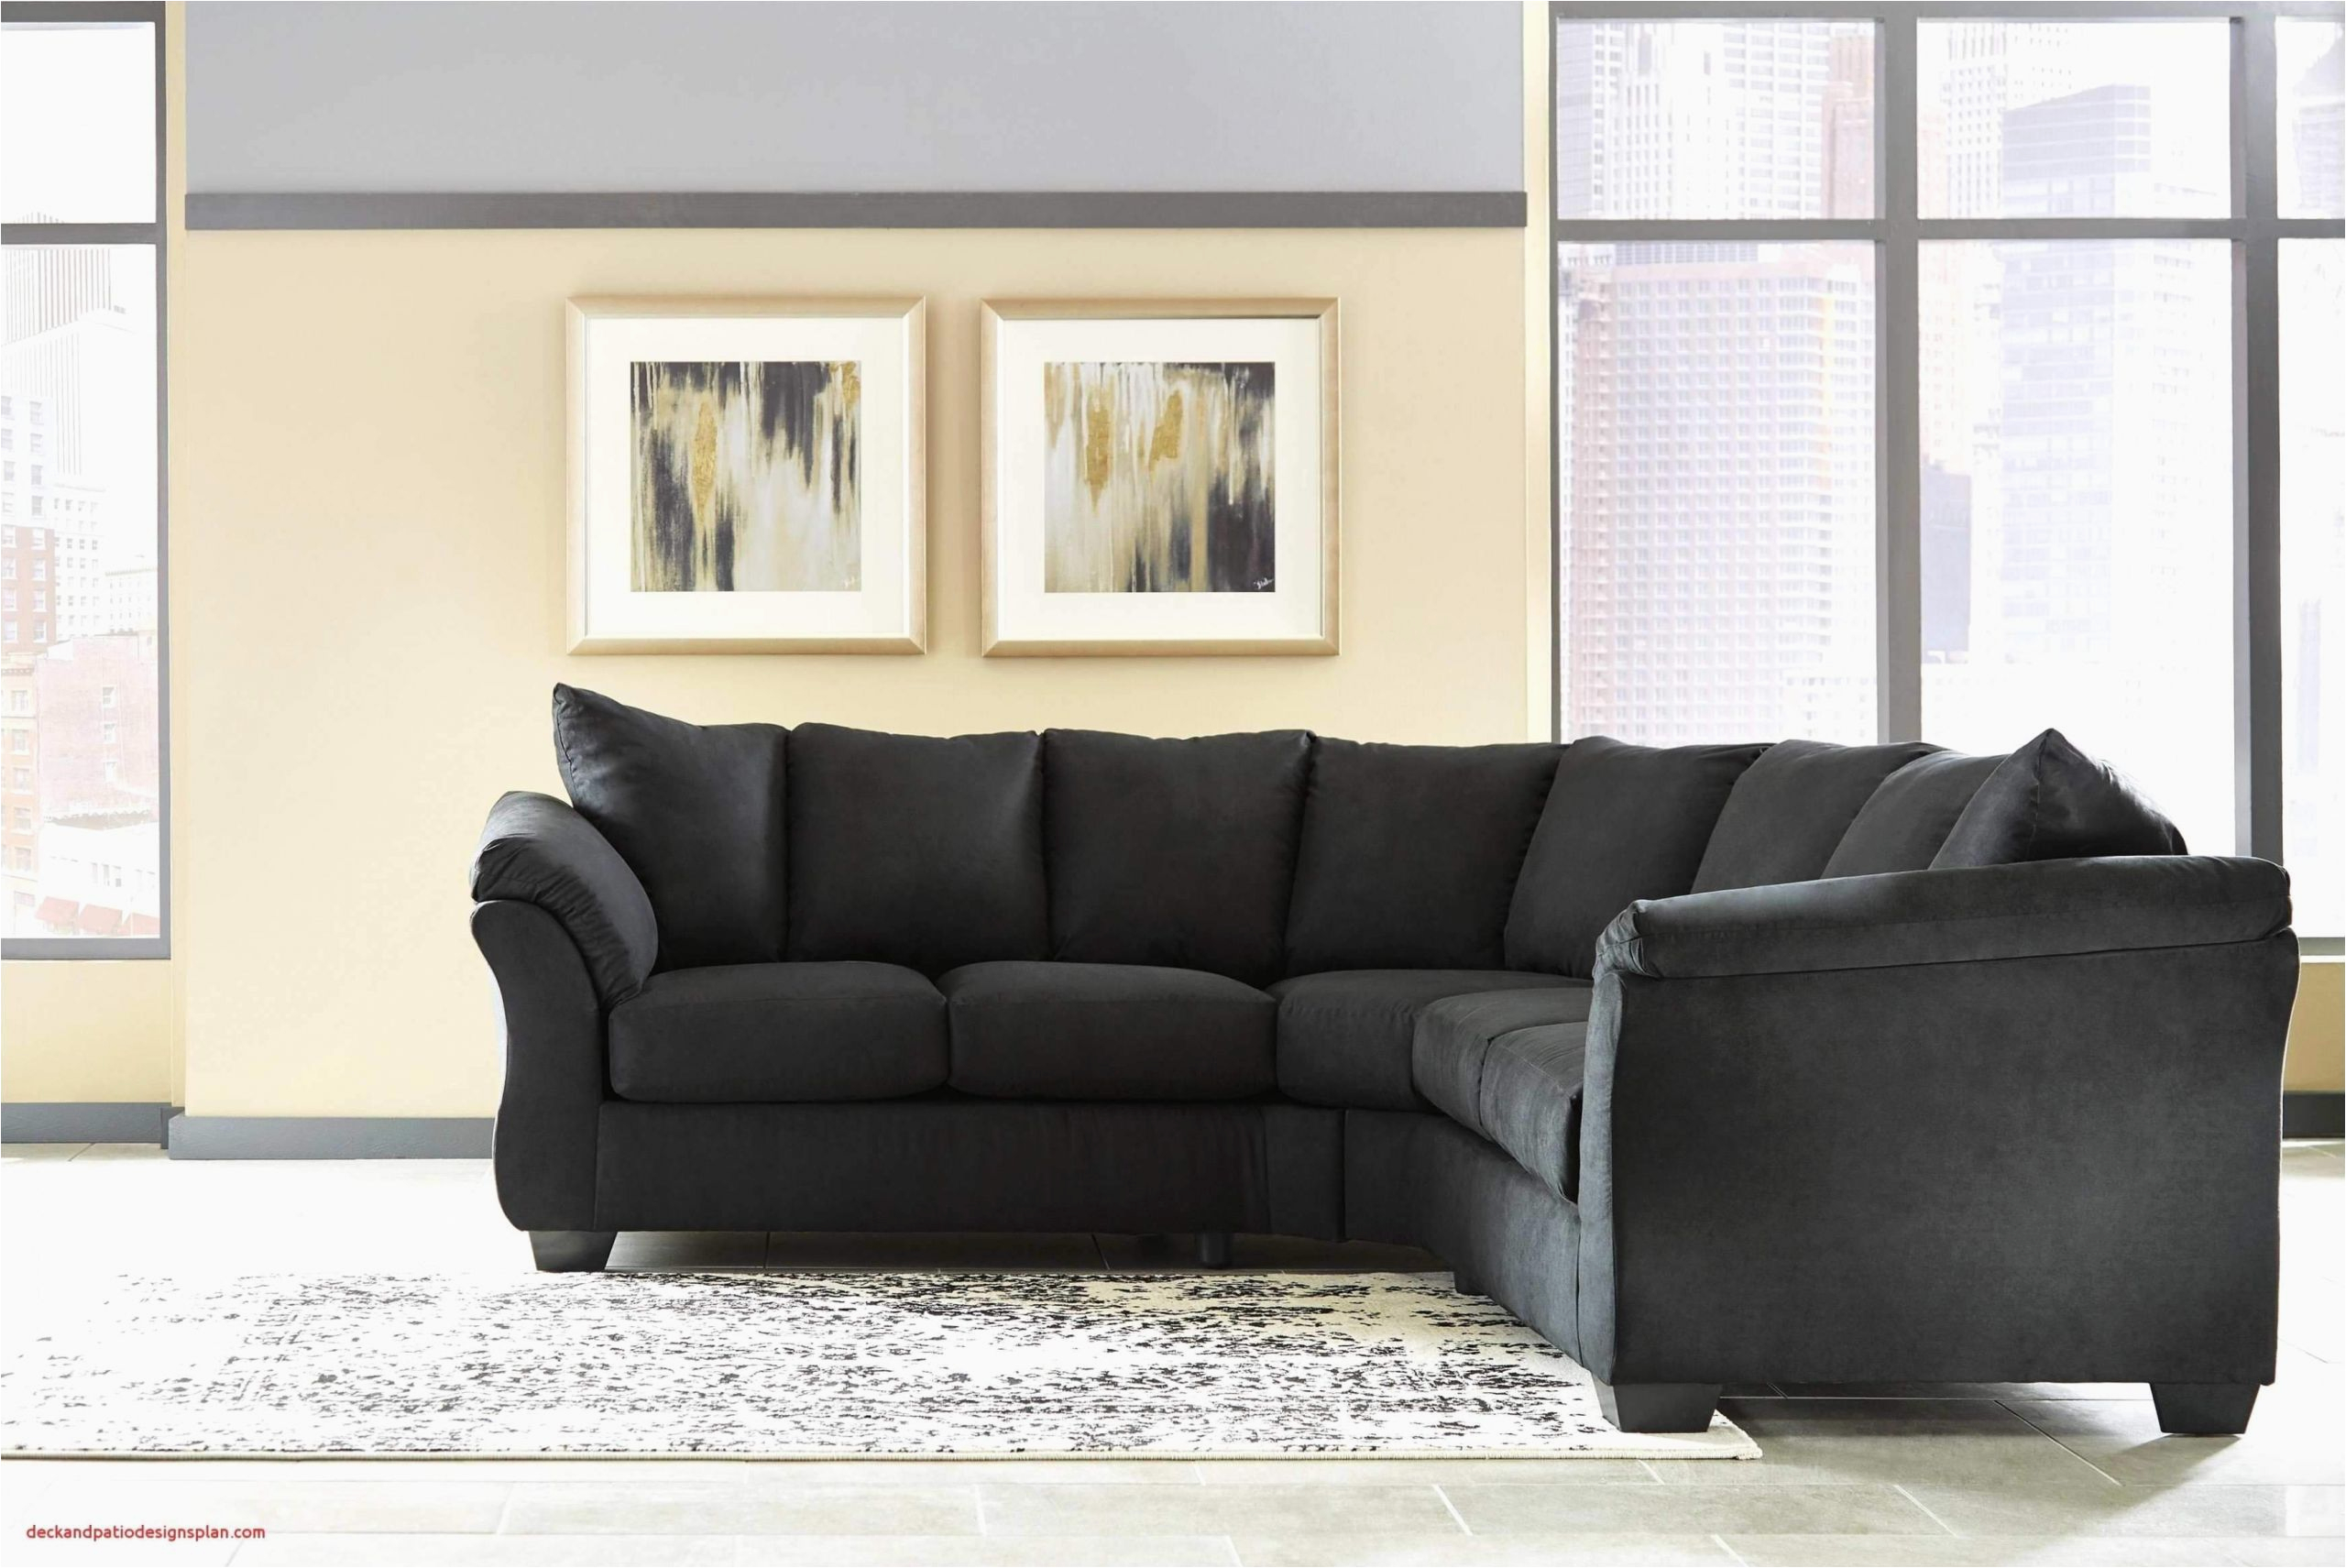 gemutliche wohnzimmer farben reizend 50 luxus von wohnzimmer ideen gemutlich konzept of gemutliche wohnzimmer farben scaled